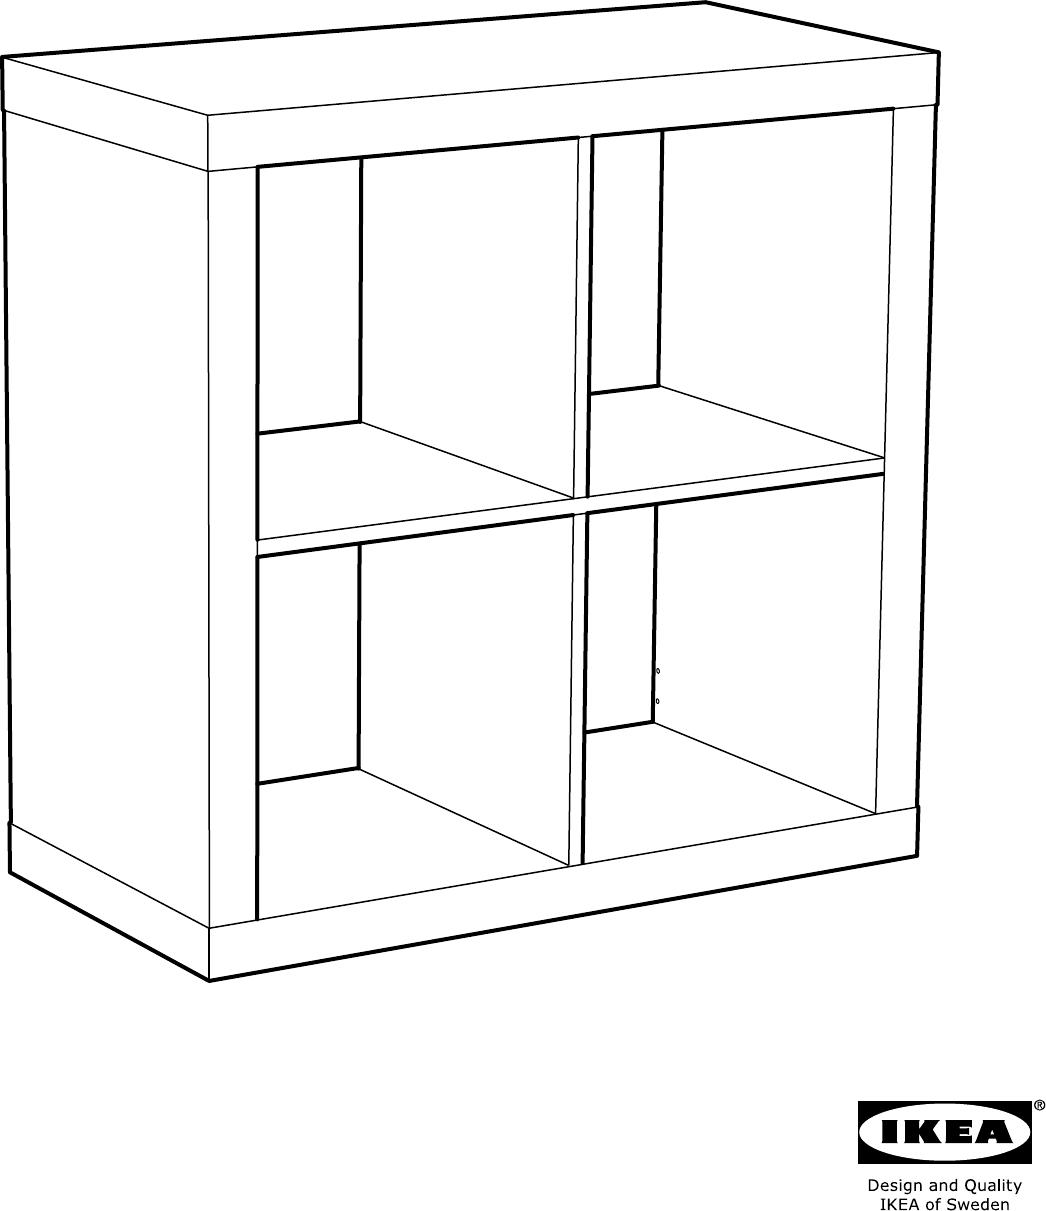 Handleiding Ikea 40275813 Kallax Open Kast Pagina 1 Van